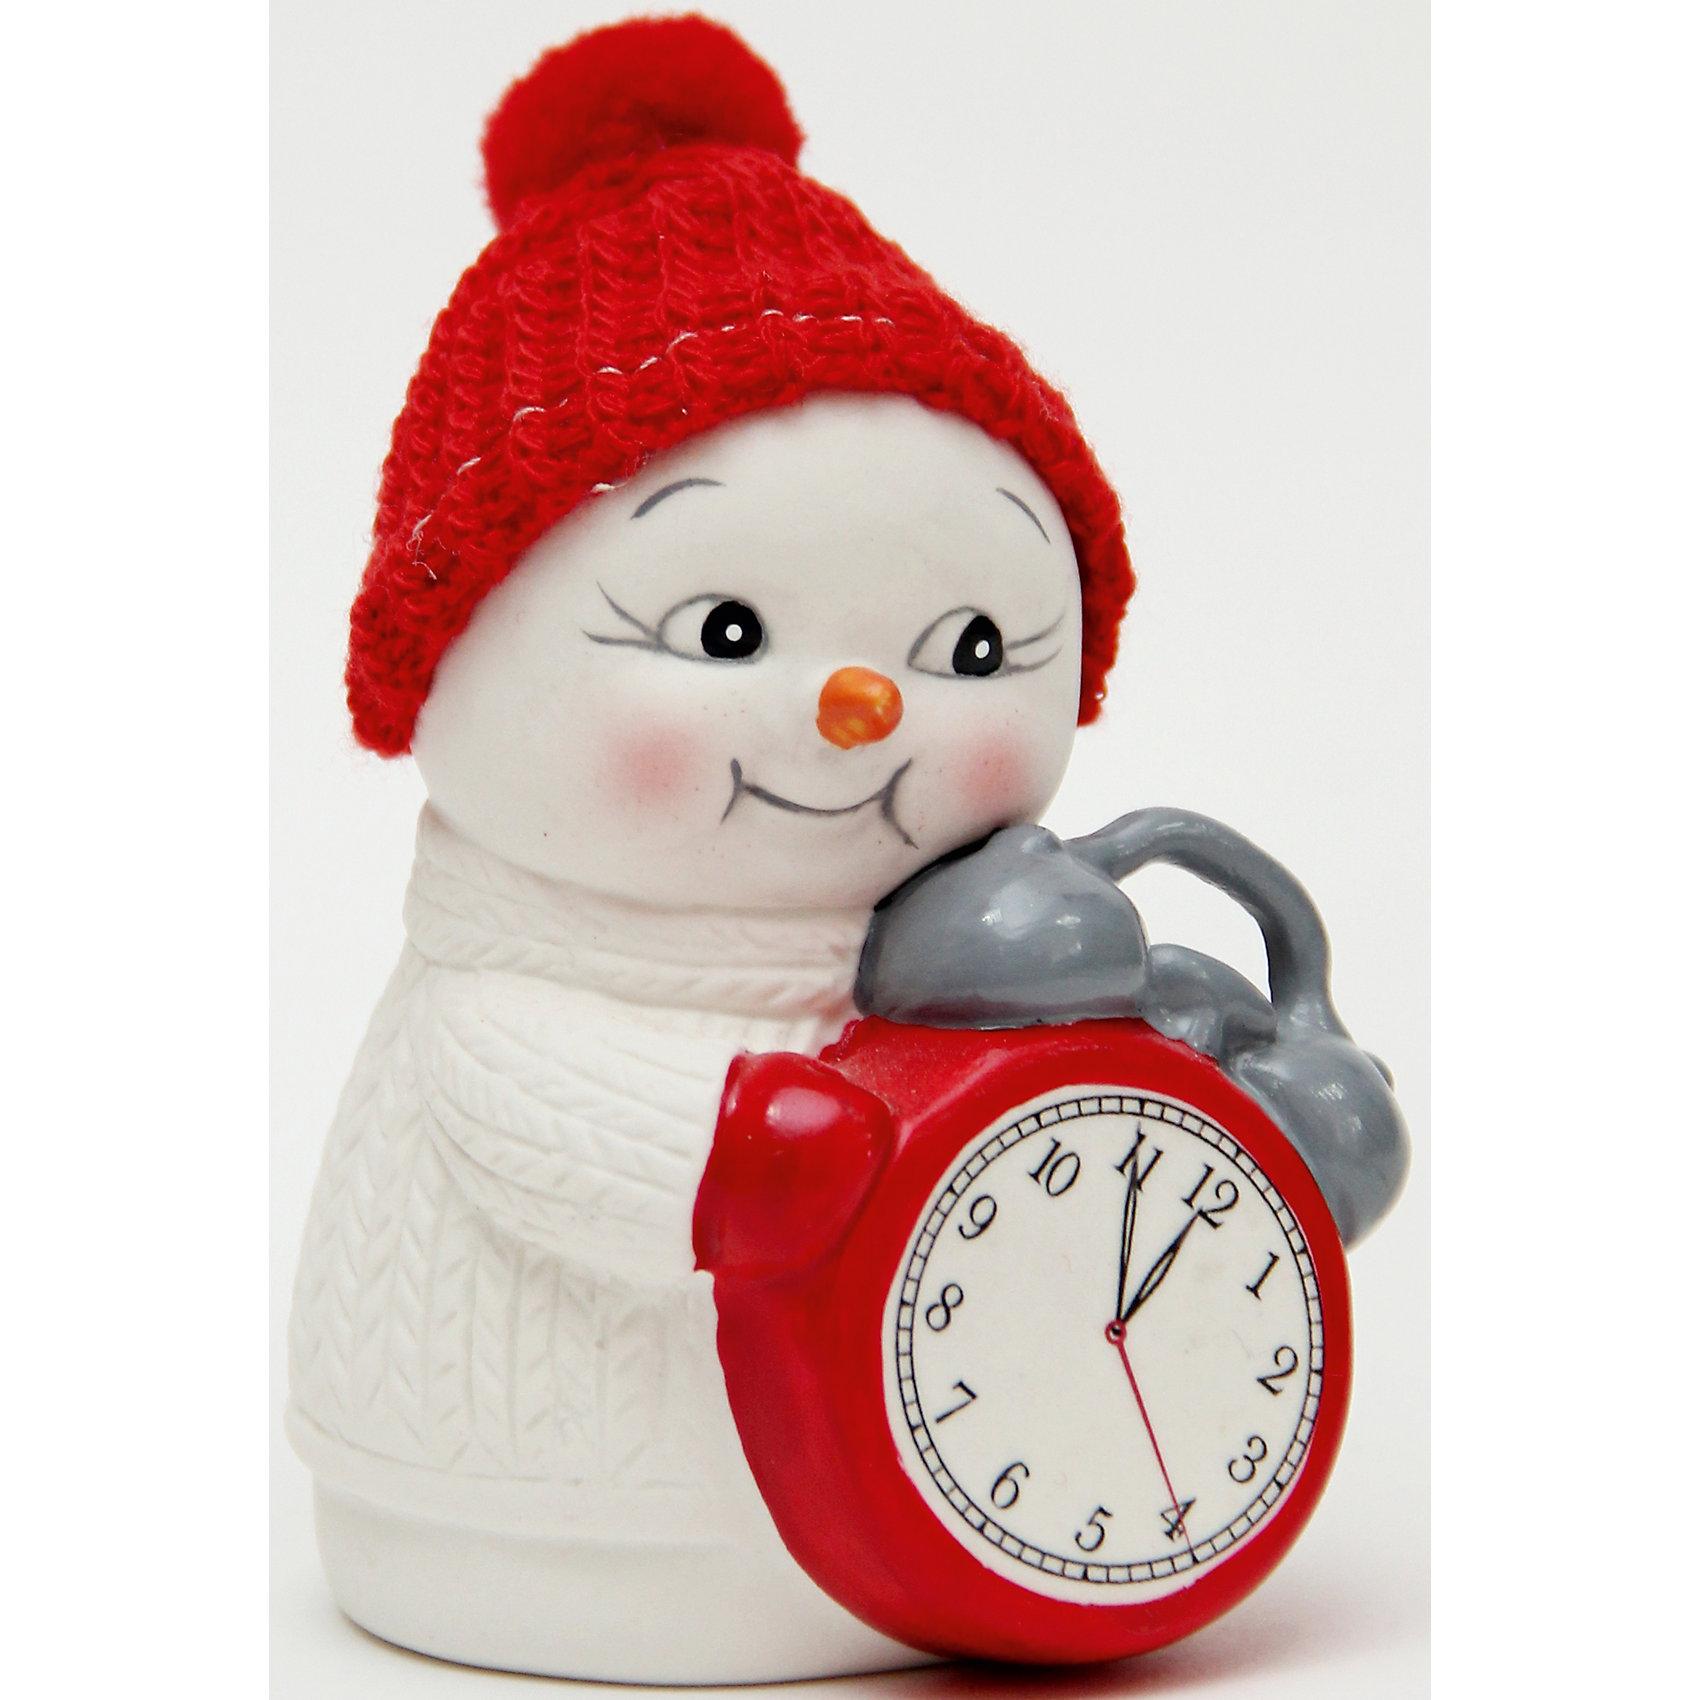 Новогодняя фигурка снеговика Снеговик и часы  (8см, керамика)Новогодняя фигурка снеговика Снеговик и часы  арт.41749 (8см, керамика) / 8 арт.41749<br><br>Ширина мм: 55<br>Глубина мм: 60<br>Высота мм: 80<br>Вес г: 126<br>Возраст от месяцев: 60<br>Возраст до месяцев: 600<br>Пол: Унисекс<br>Возраст: Детский<br>SKU: 5144565